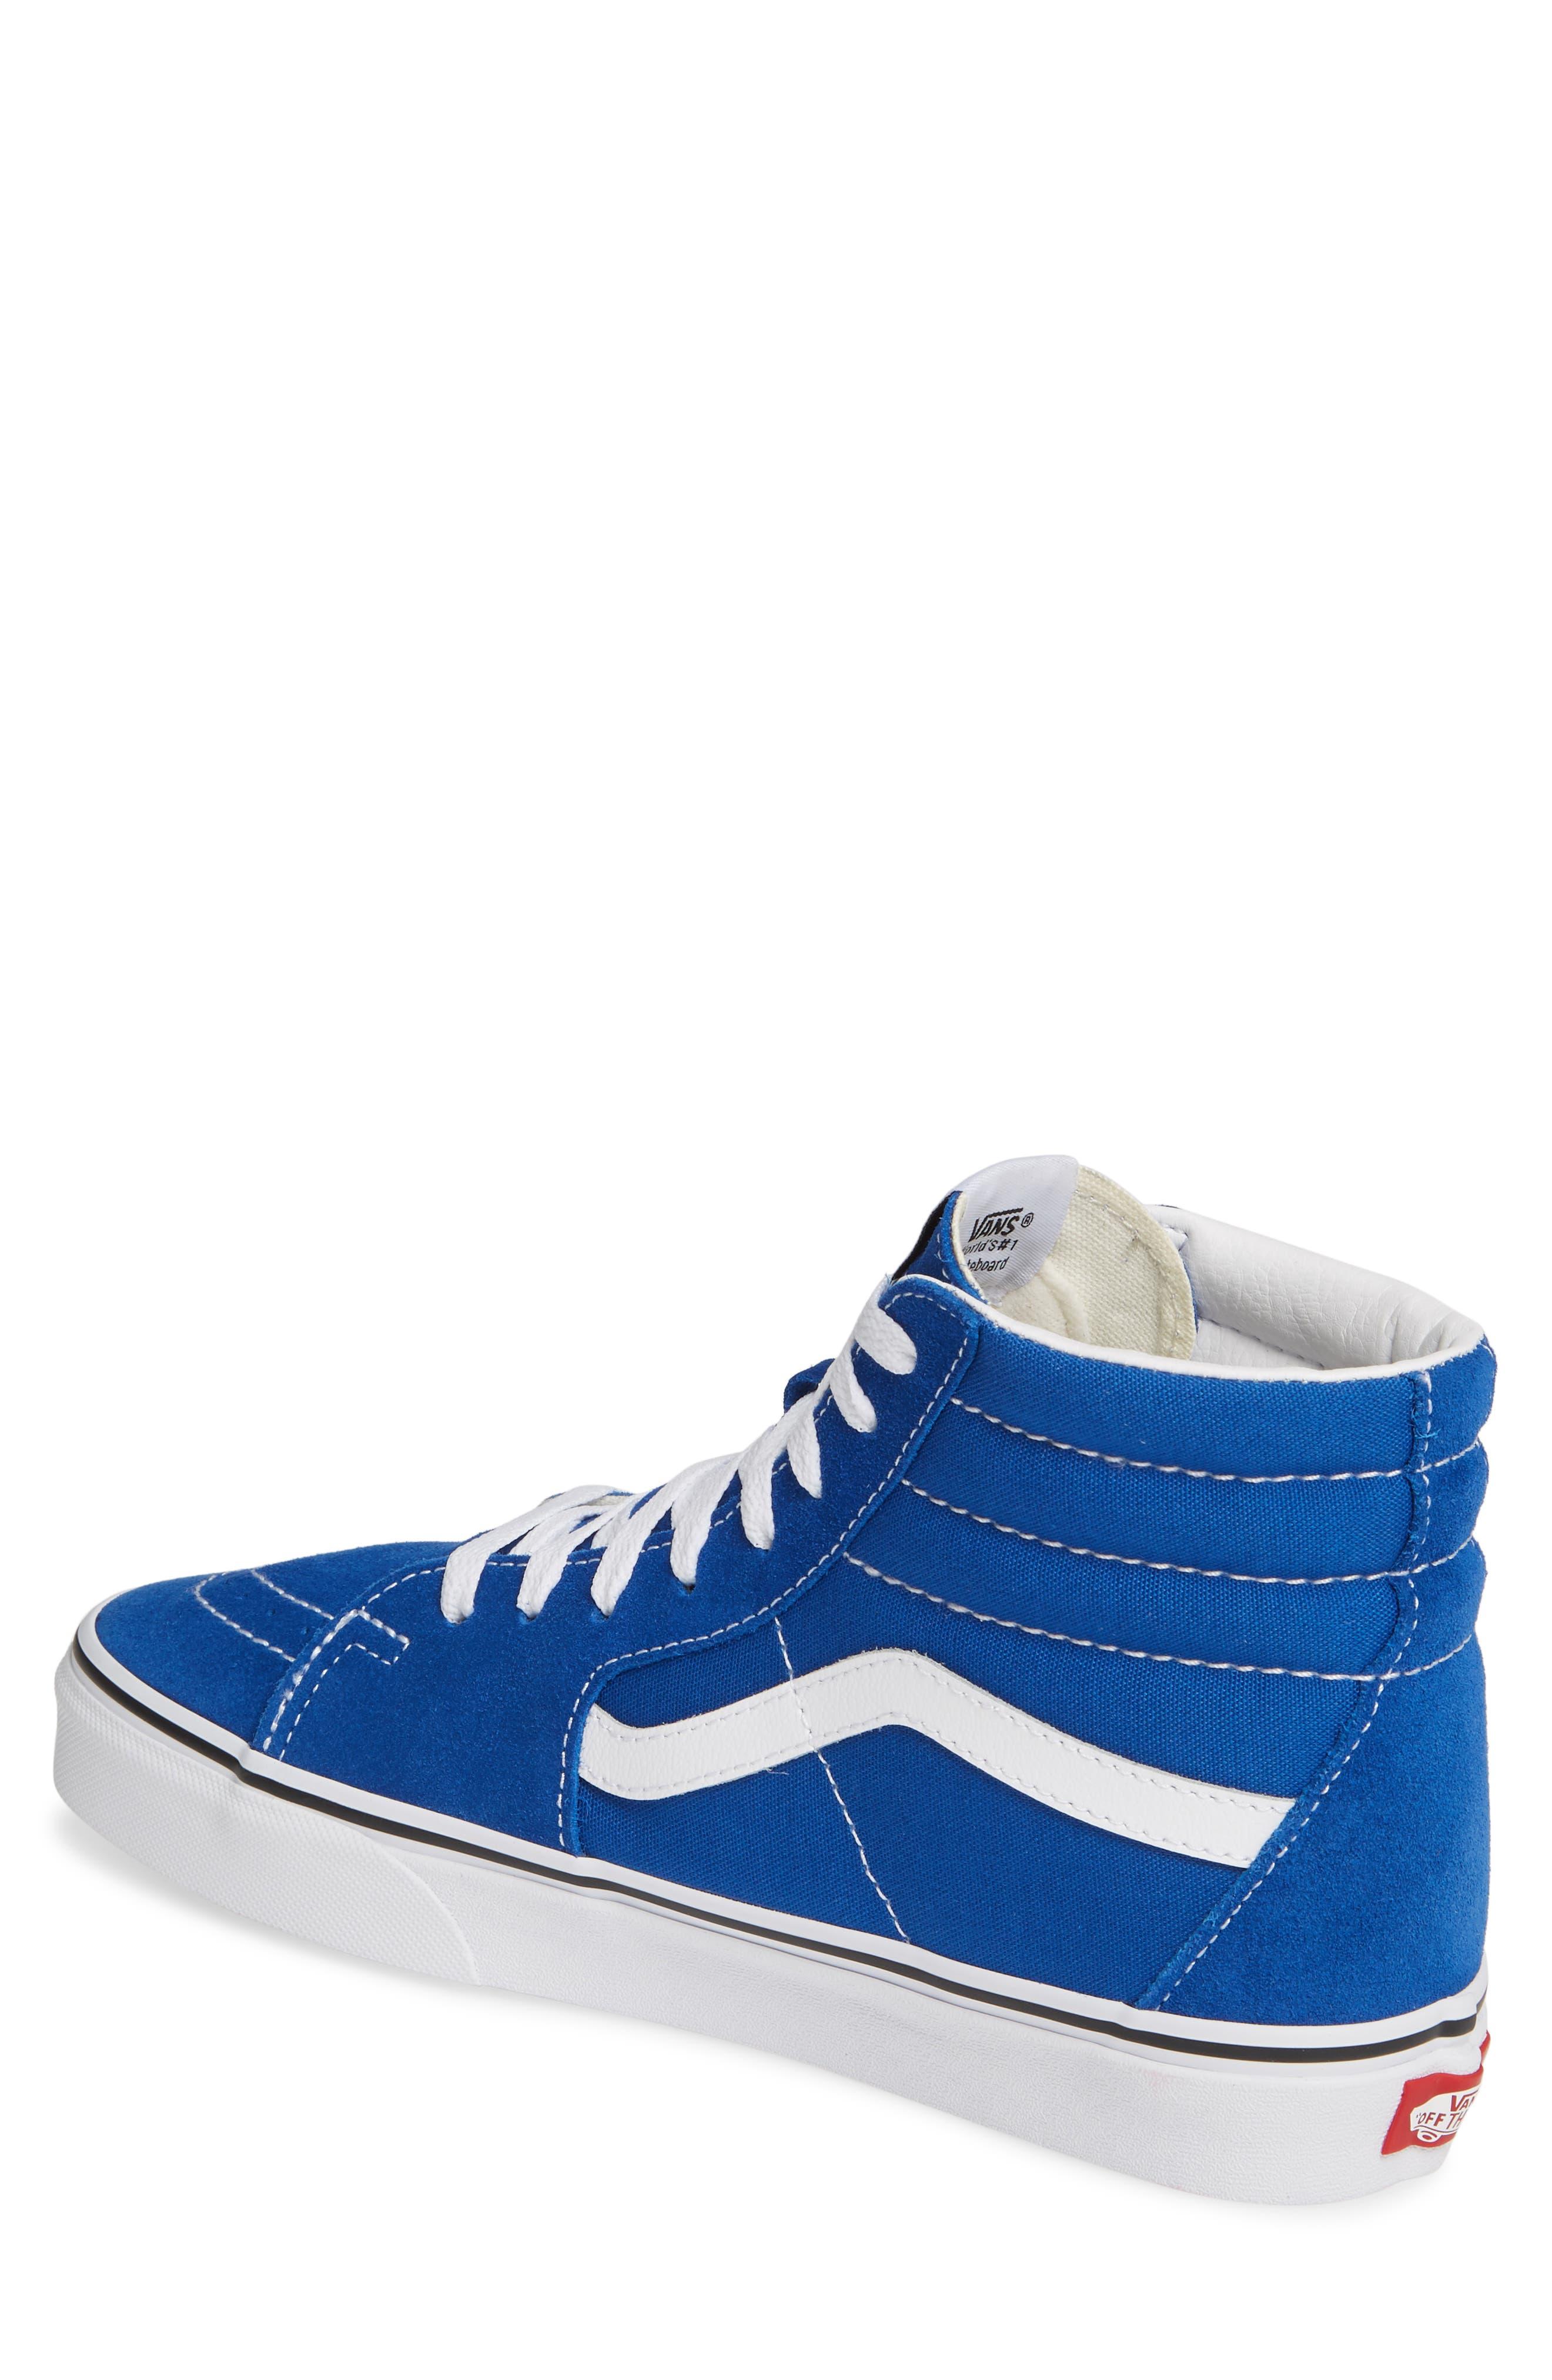 1c6aa44694 Men s Vans Shoes